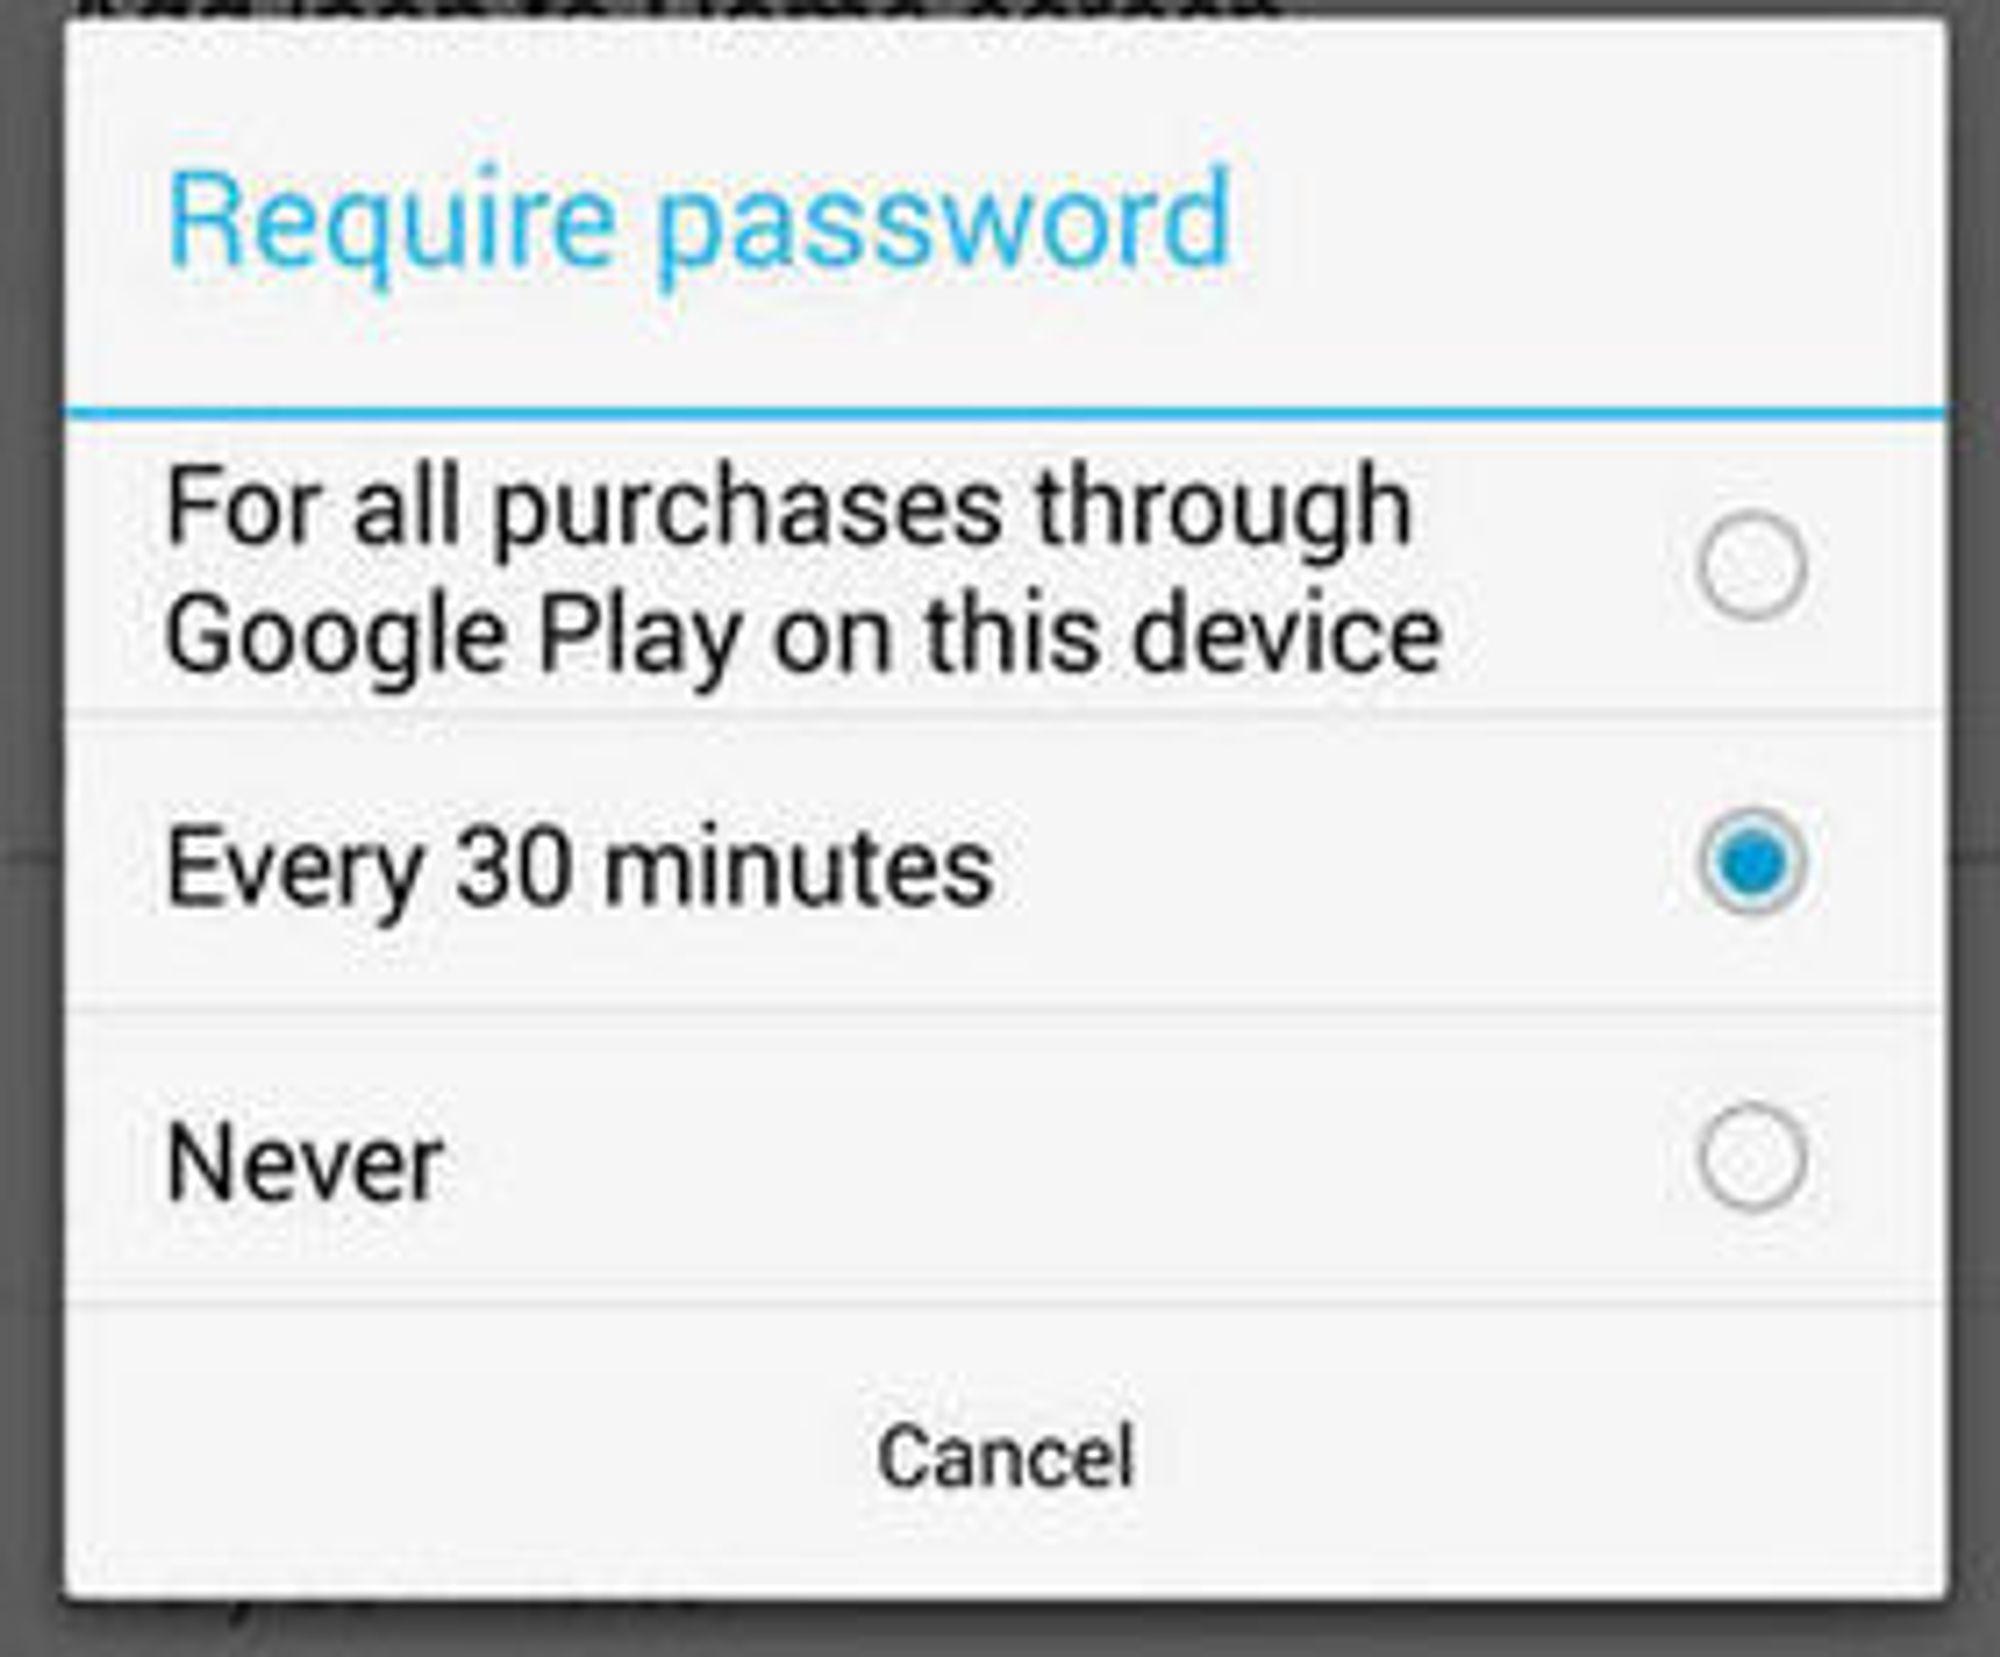 Android-brukere kan nå velge at det kreves passord ved alle kjøp via Google Play, både direkte i butikken og internt i appene.